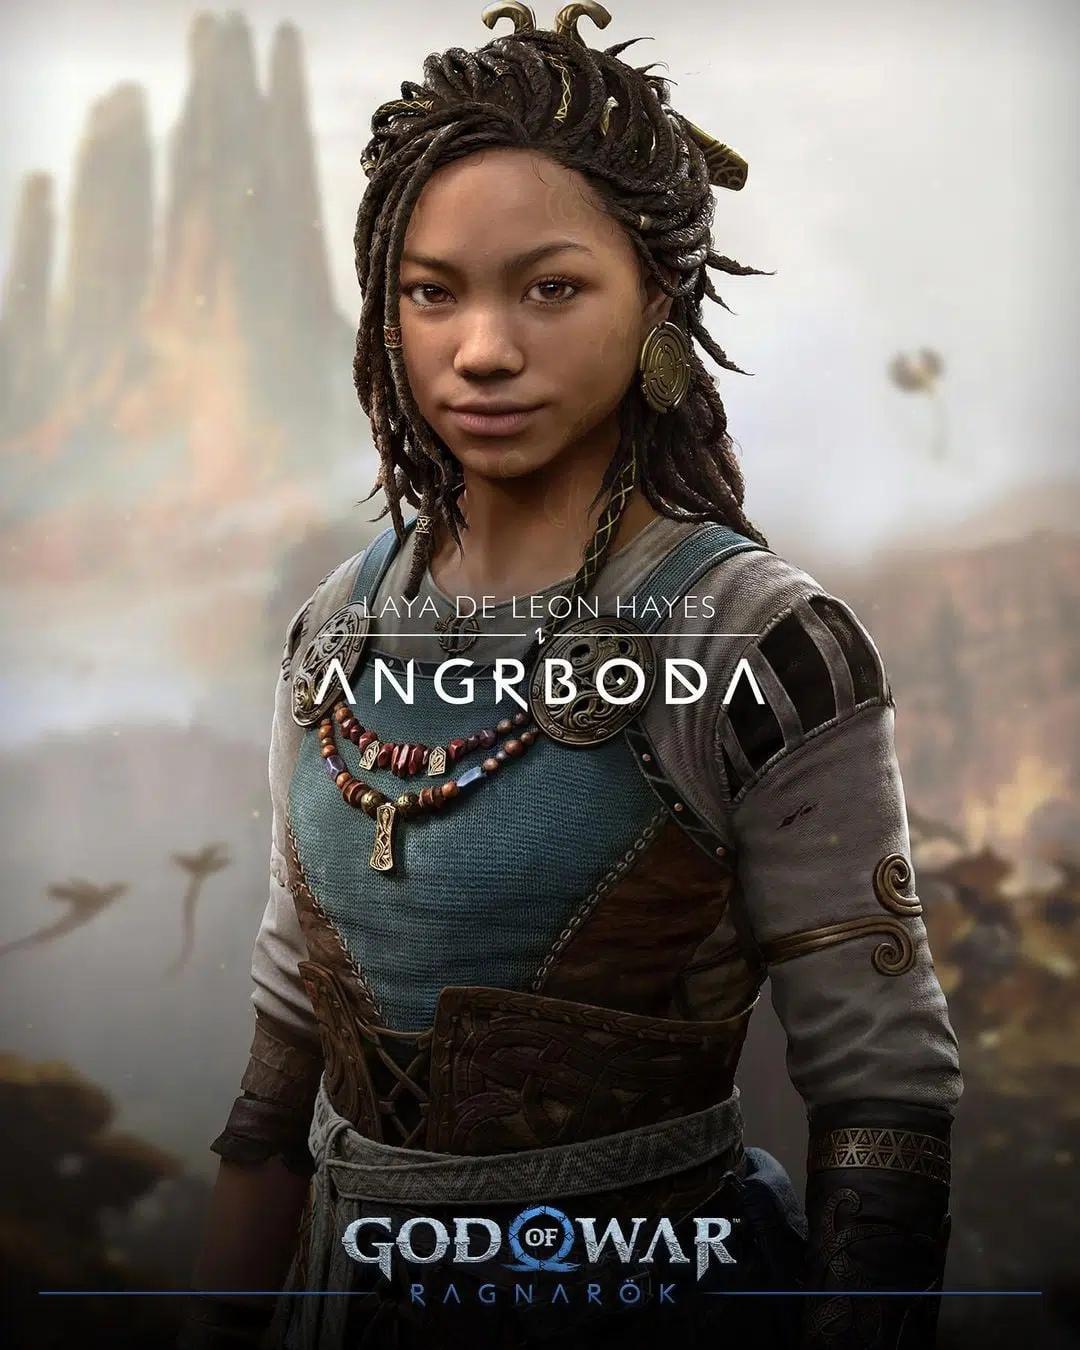 Девушка в конце трейлер God of War Ragnarok — Ангрбода